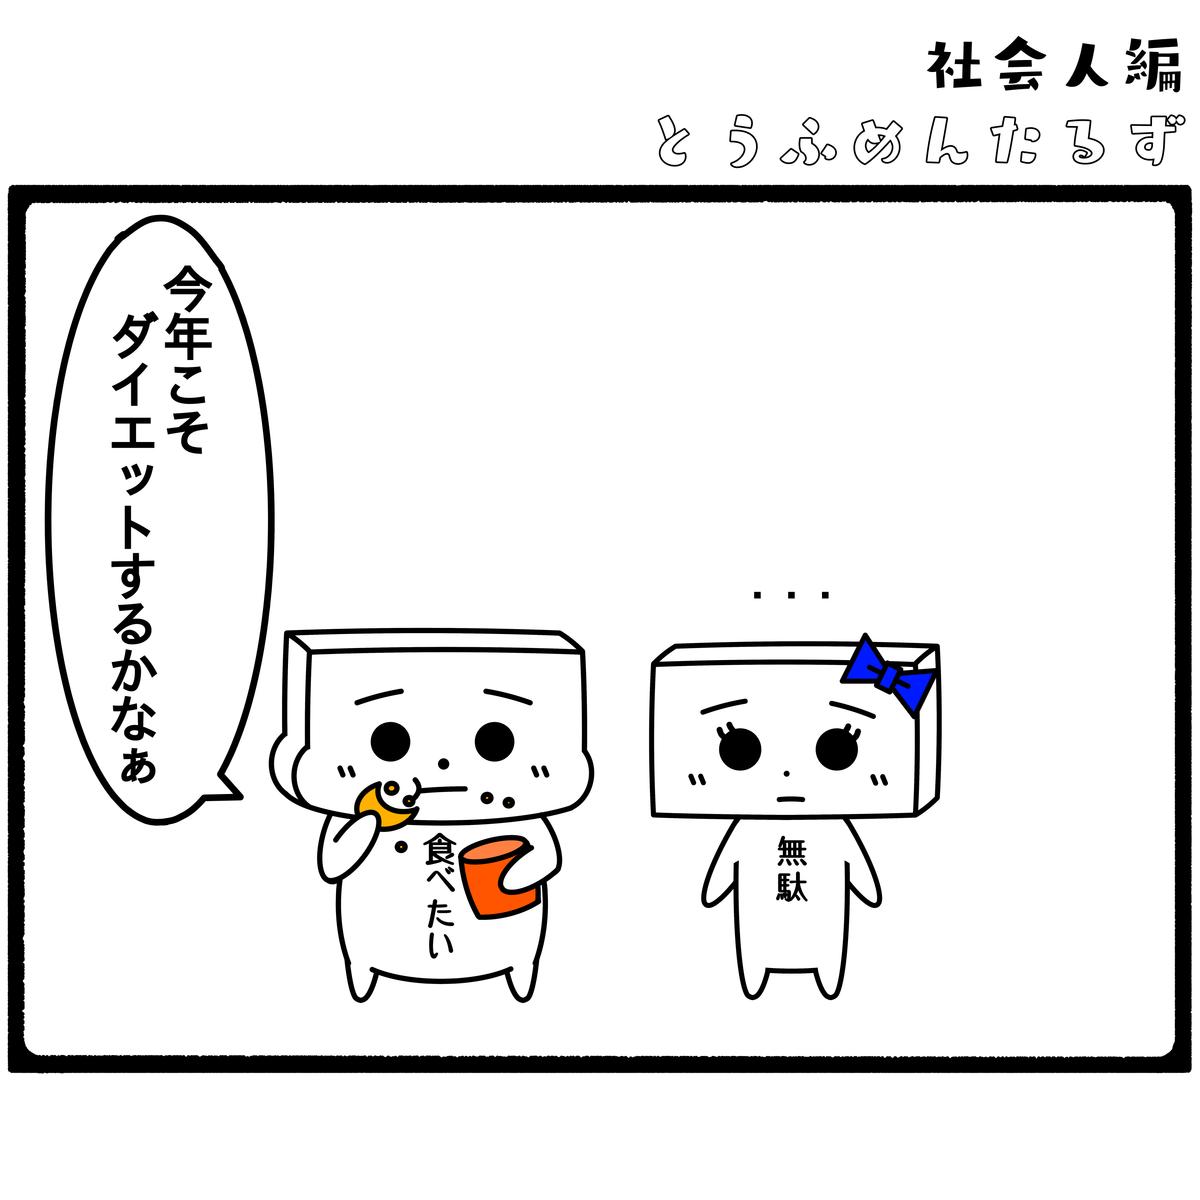 とうふめんたるず 豆腐メンタル 日常 4コマ漫画 健康診断